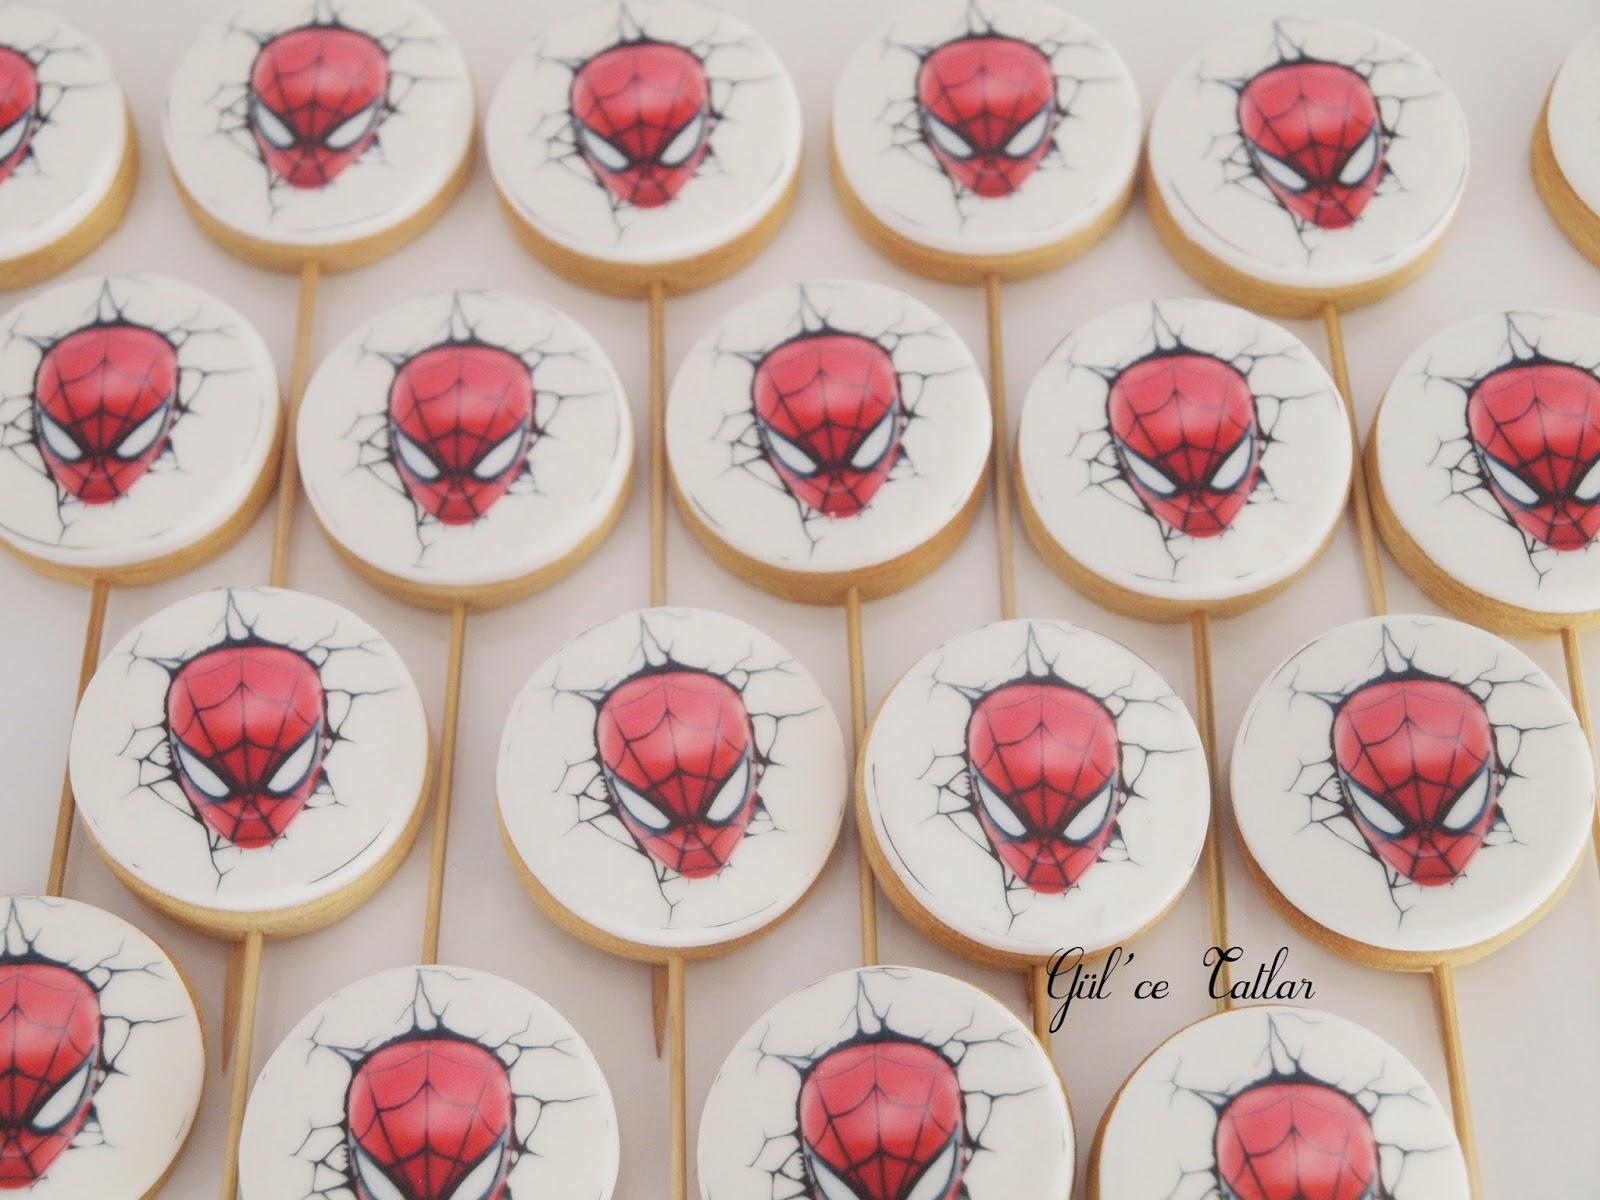 çanakkale çocuk kurabiyeleri